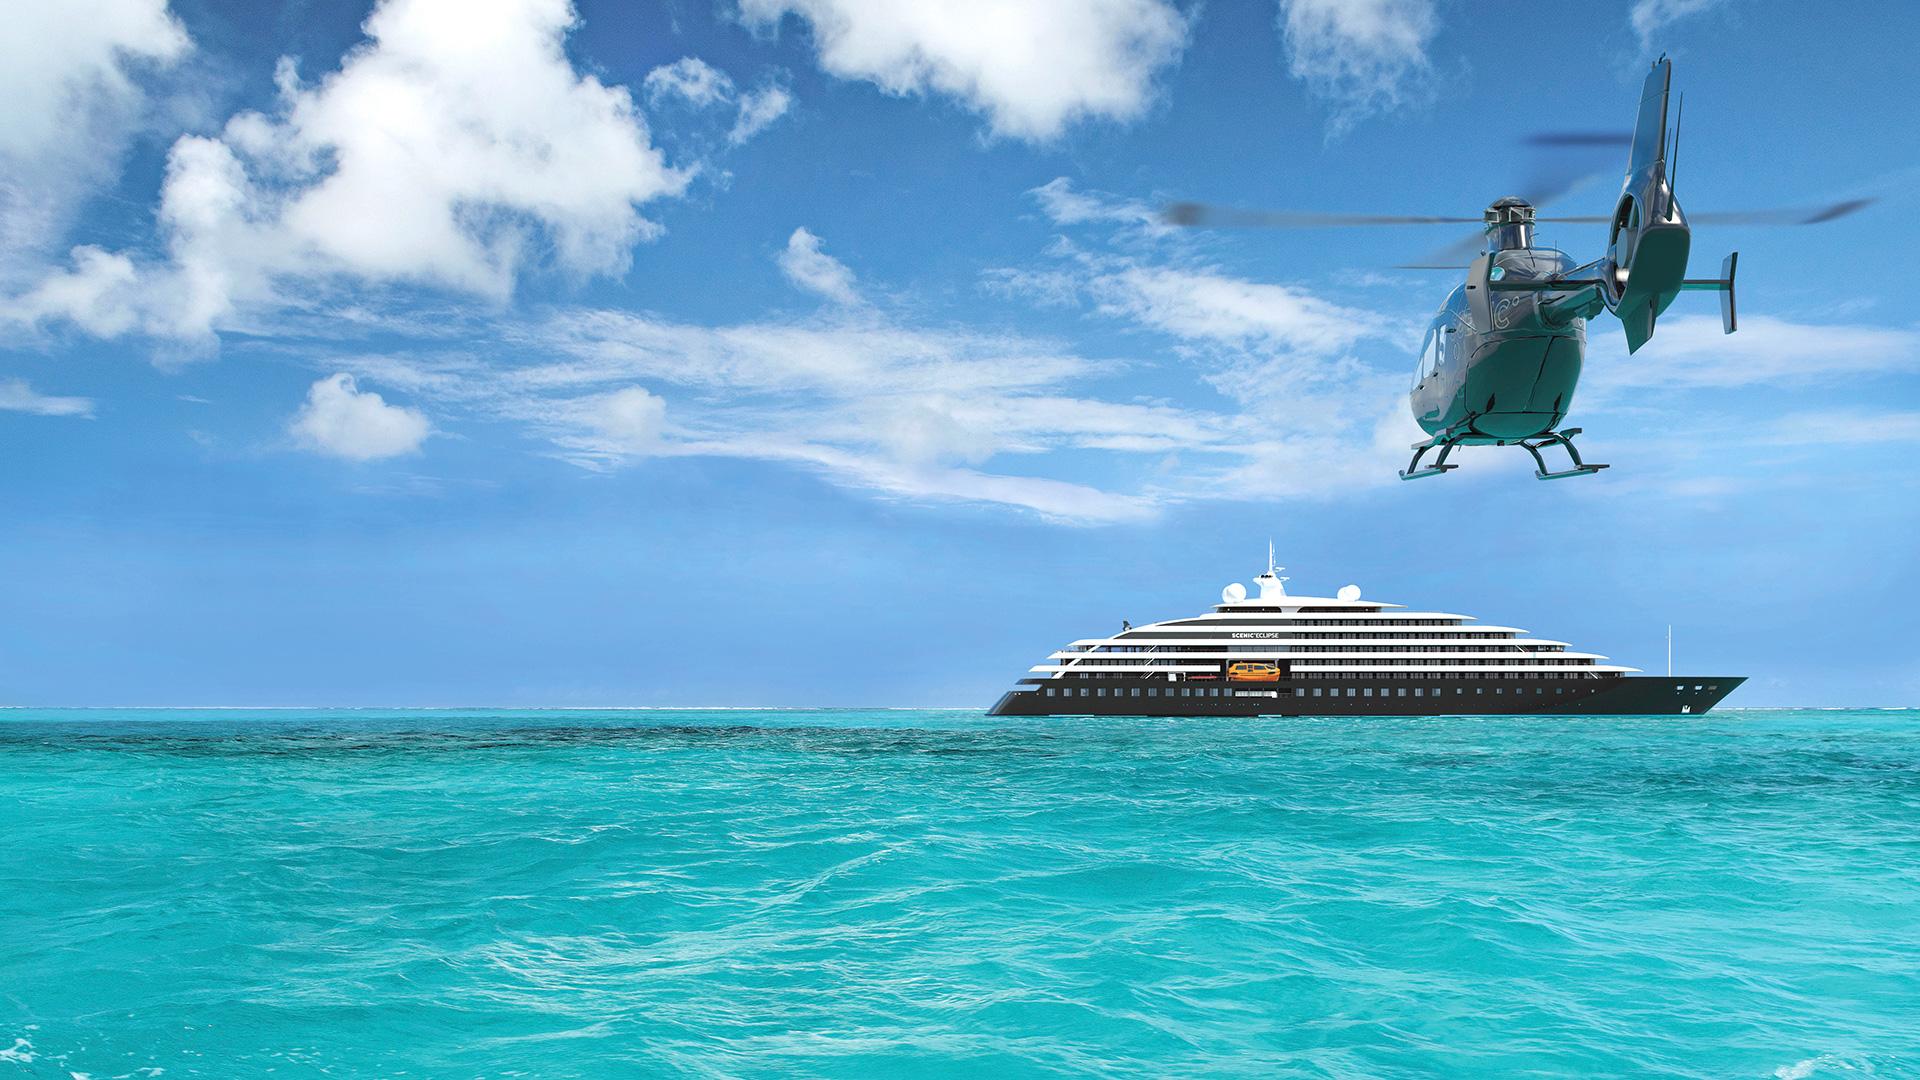 U Boot Tour, Luxus Yacht, DESIGNREISEN, Luxus Reise, Scenic Eclipse, tauchen, scenic neptune